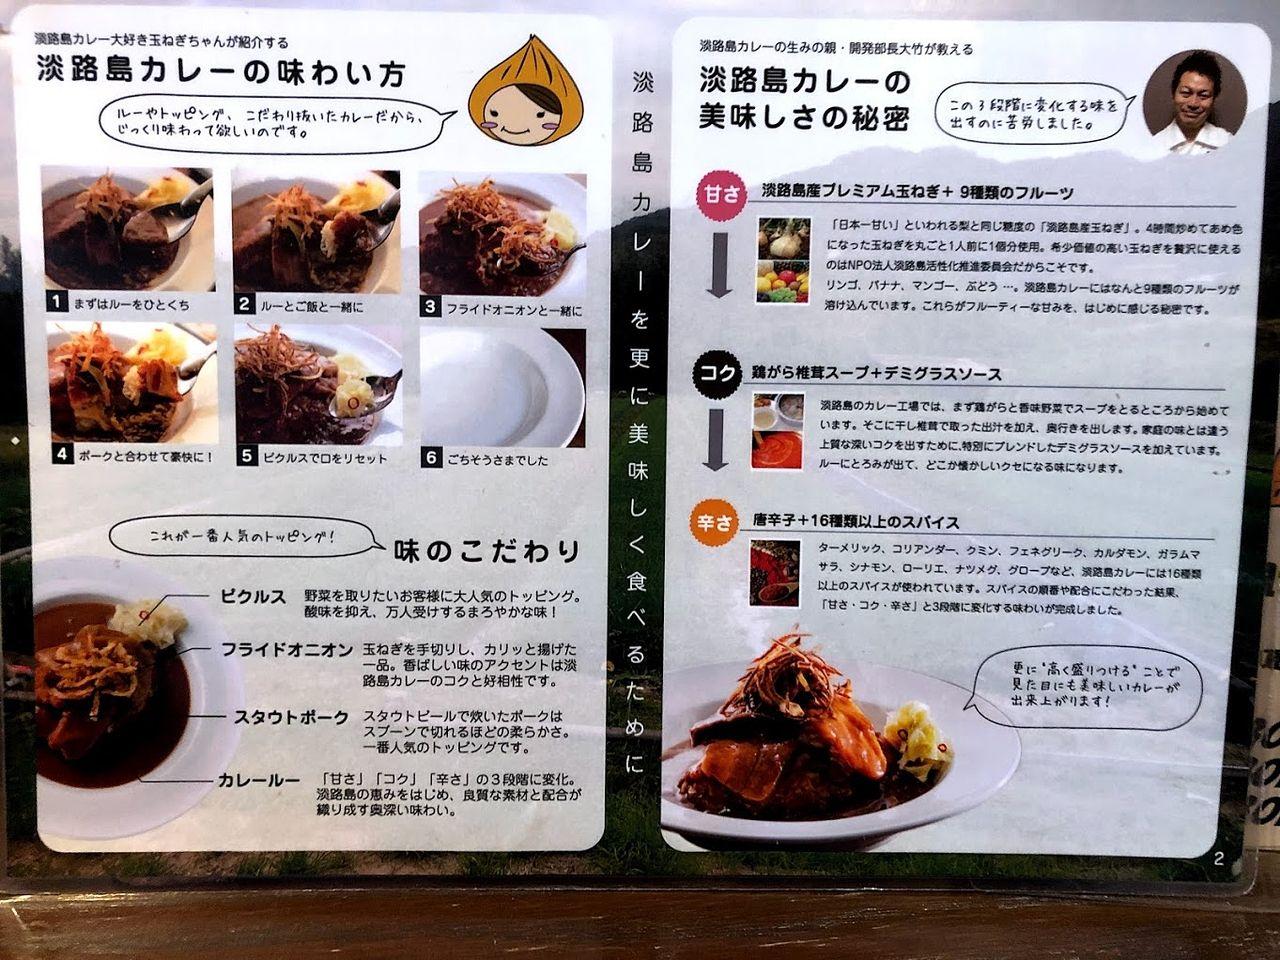 淡路島カレーの味わい方と美味しさの秘密